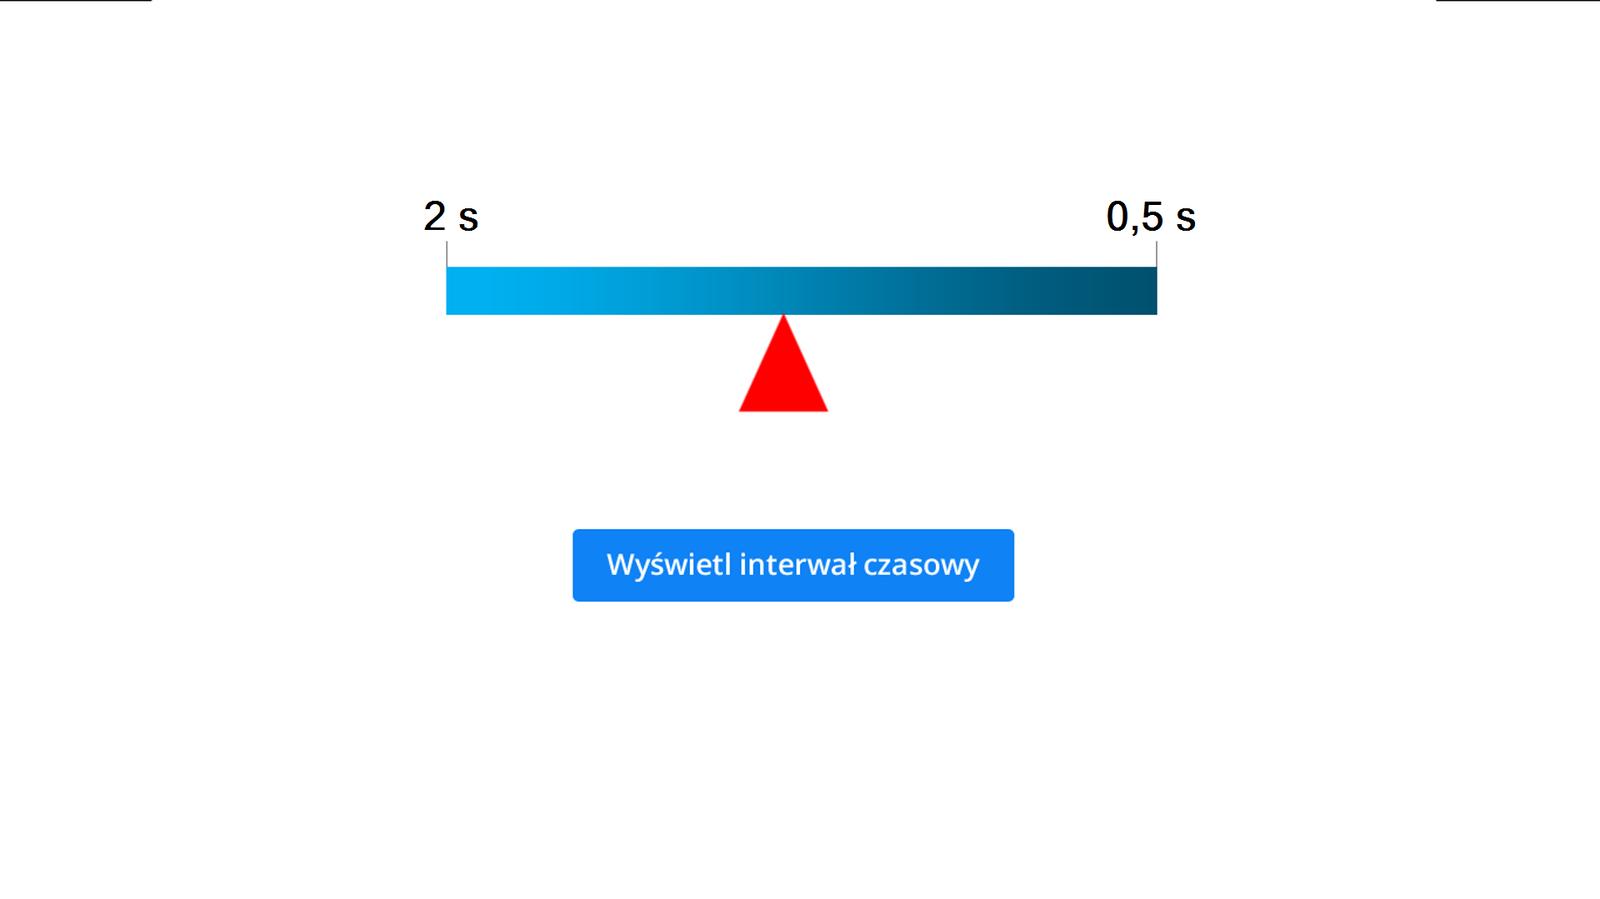 """Aplikacja umożliwia wyświetlanie interwału czasowego. Tło białe. Po środku niebieski prostokąt. Dłuższy bok leży poziomo. Po lewej stronie widniej napis: 0,5 Hz, apo prawej 2 Hz. Tuż pod prostokątem znajduje się czerwony trójkąt równoramienny. Jeden zwierzchołków styka się zprostokątem. Podstawa trójkąta położona równolegle do dłuższego boku prostokąta. Za pomocą myszy kursora muszy można przesuwać trójkąt. Trójkąt przesuwa się wzdłuż dłuższego boku prostokąta. Przesuwając trójkąt wlewo dźwięk słychać wwiększych odstępach czasu. Przesuwając wprawo, dźwięk jest słyszany wmniejszych odstępach czasu. Na samym dole znajduje się niebieski przycisk. Przycisk opisano: """"Wyświetl interwał czasowy"""". Po jego naciśnięciu, nad trójkątem pokazuje się interwał czasowy. Na przykład: dla 0,5 Hz są to 2 sekundy. Dla 2 Hz jest to 0,5 sekundy."""